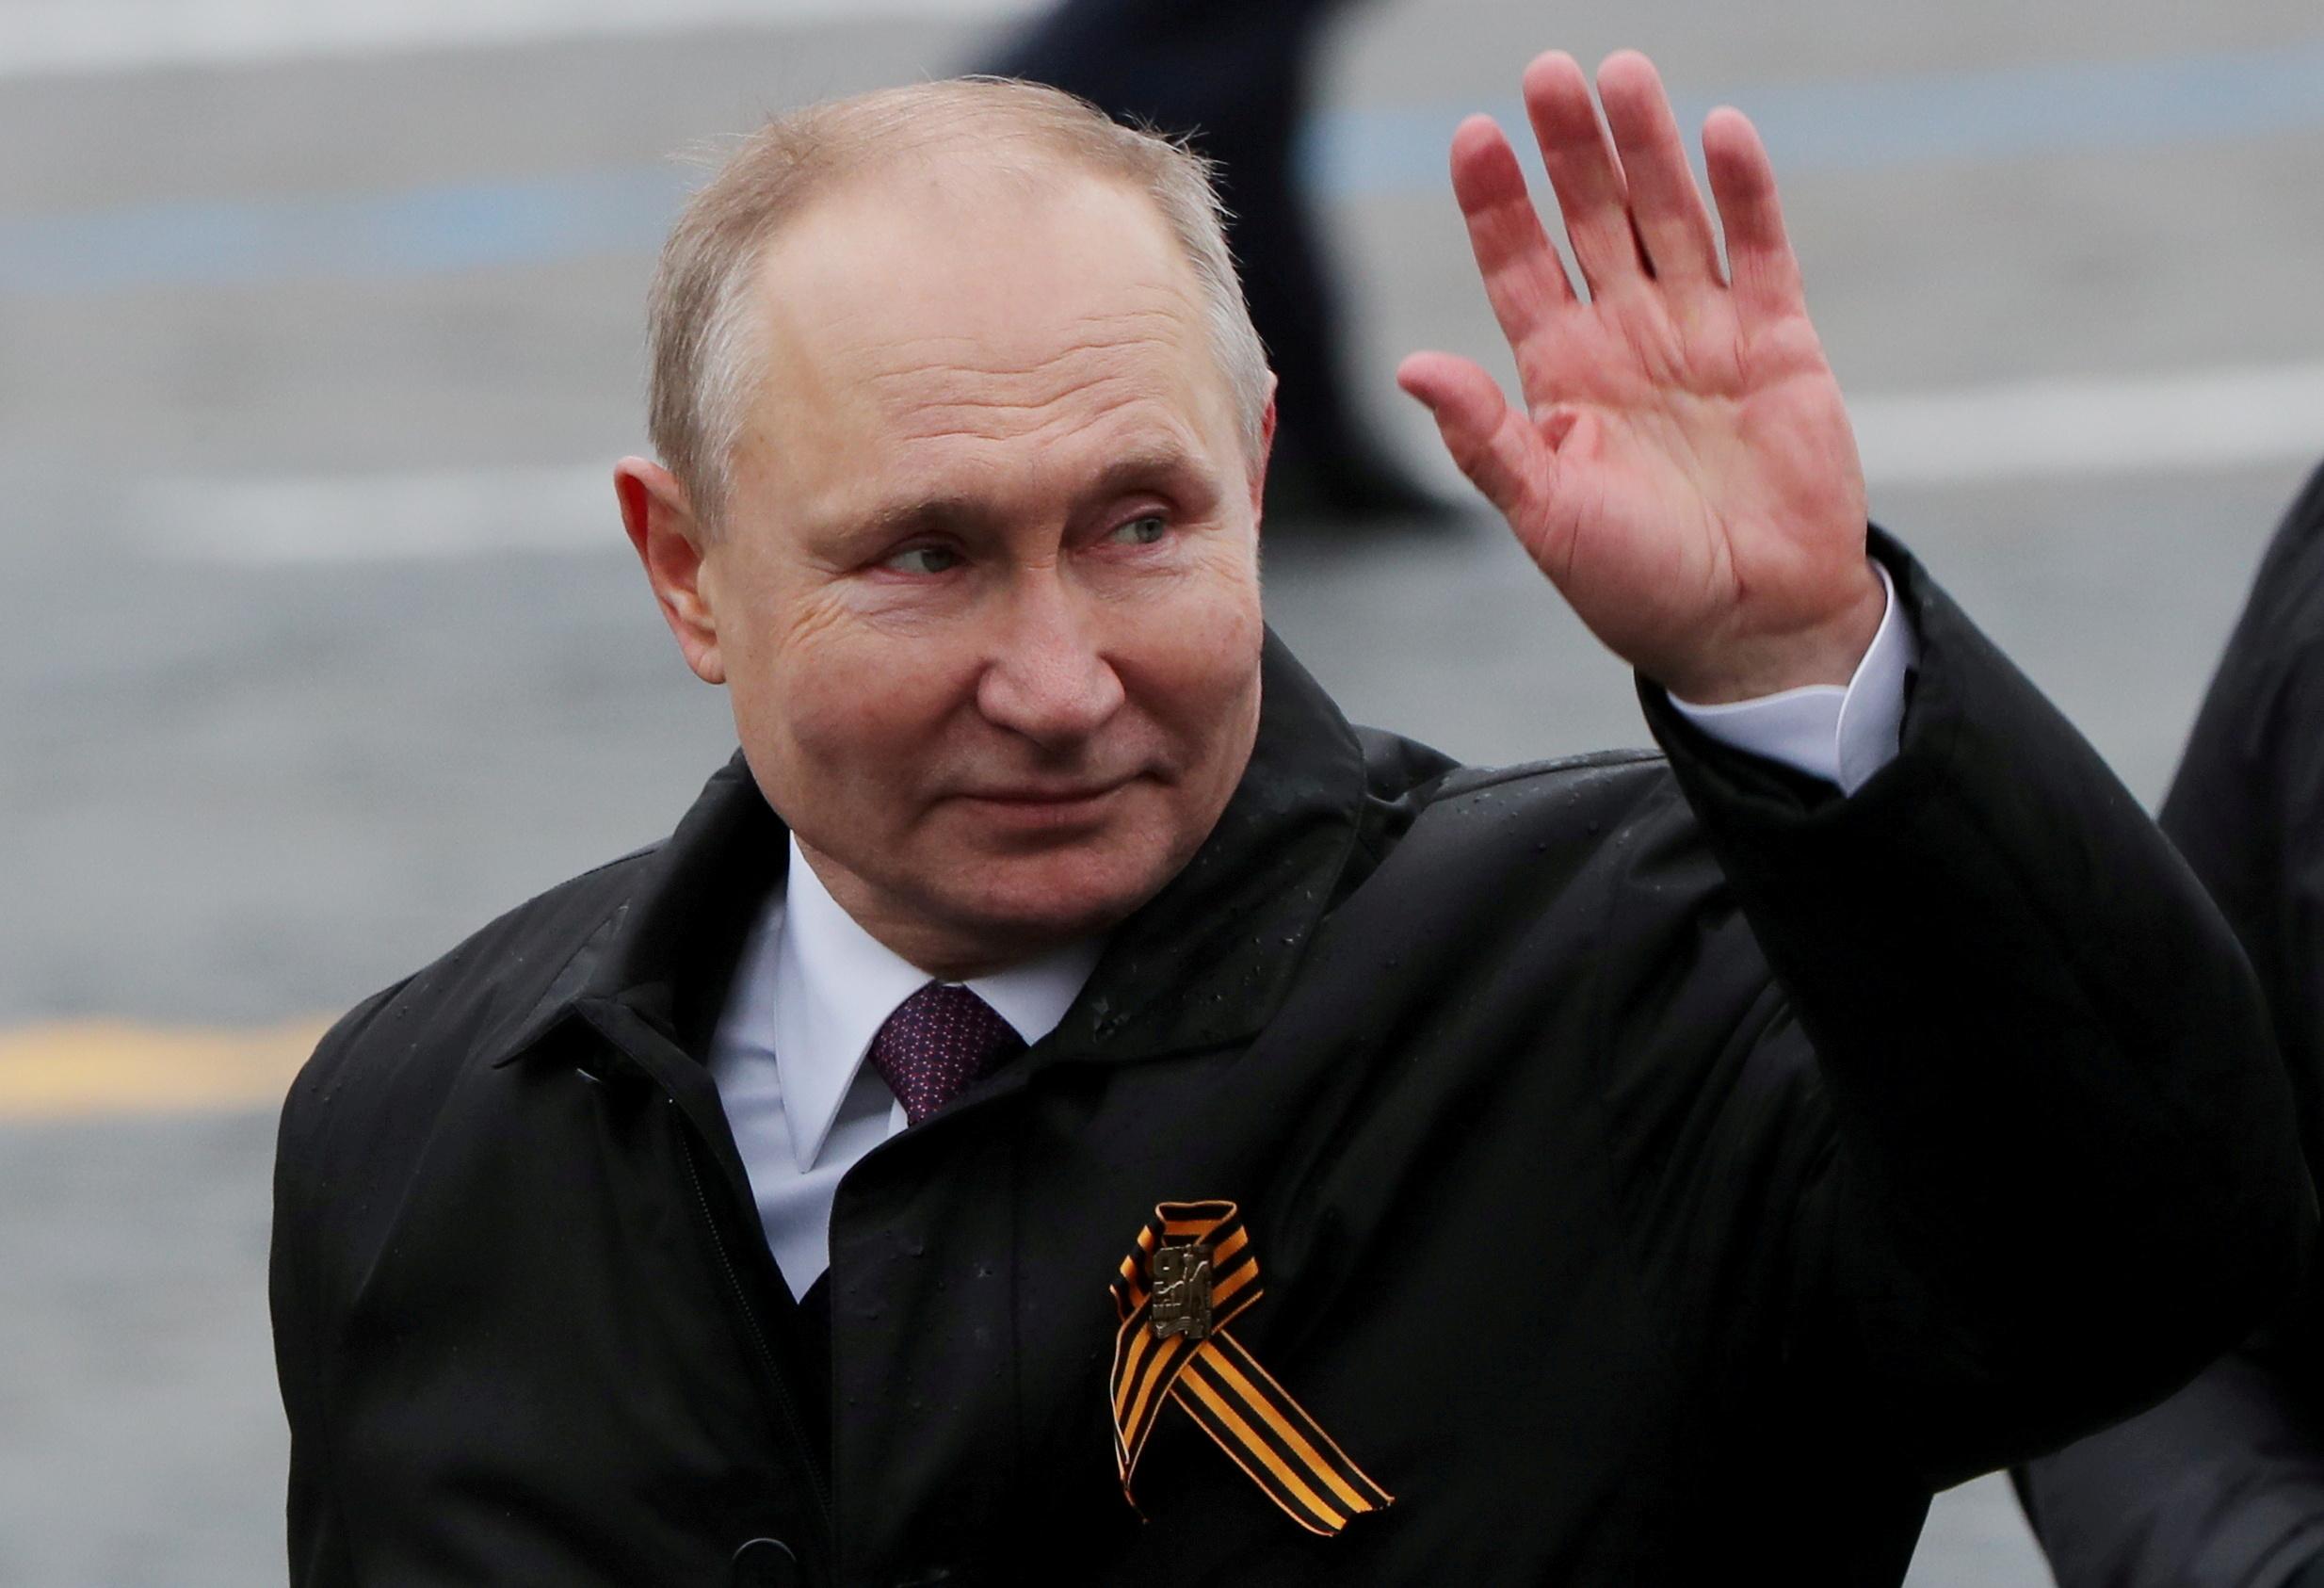 Χ. Μάας: Το κλειδί για καλύτερες σχέσεις ΝΑΤΟ –Ρωσίας βρίσκεται στην Μόσχα